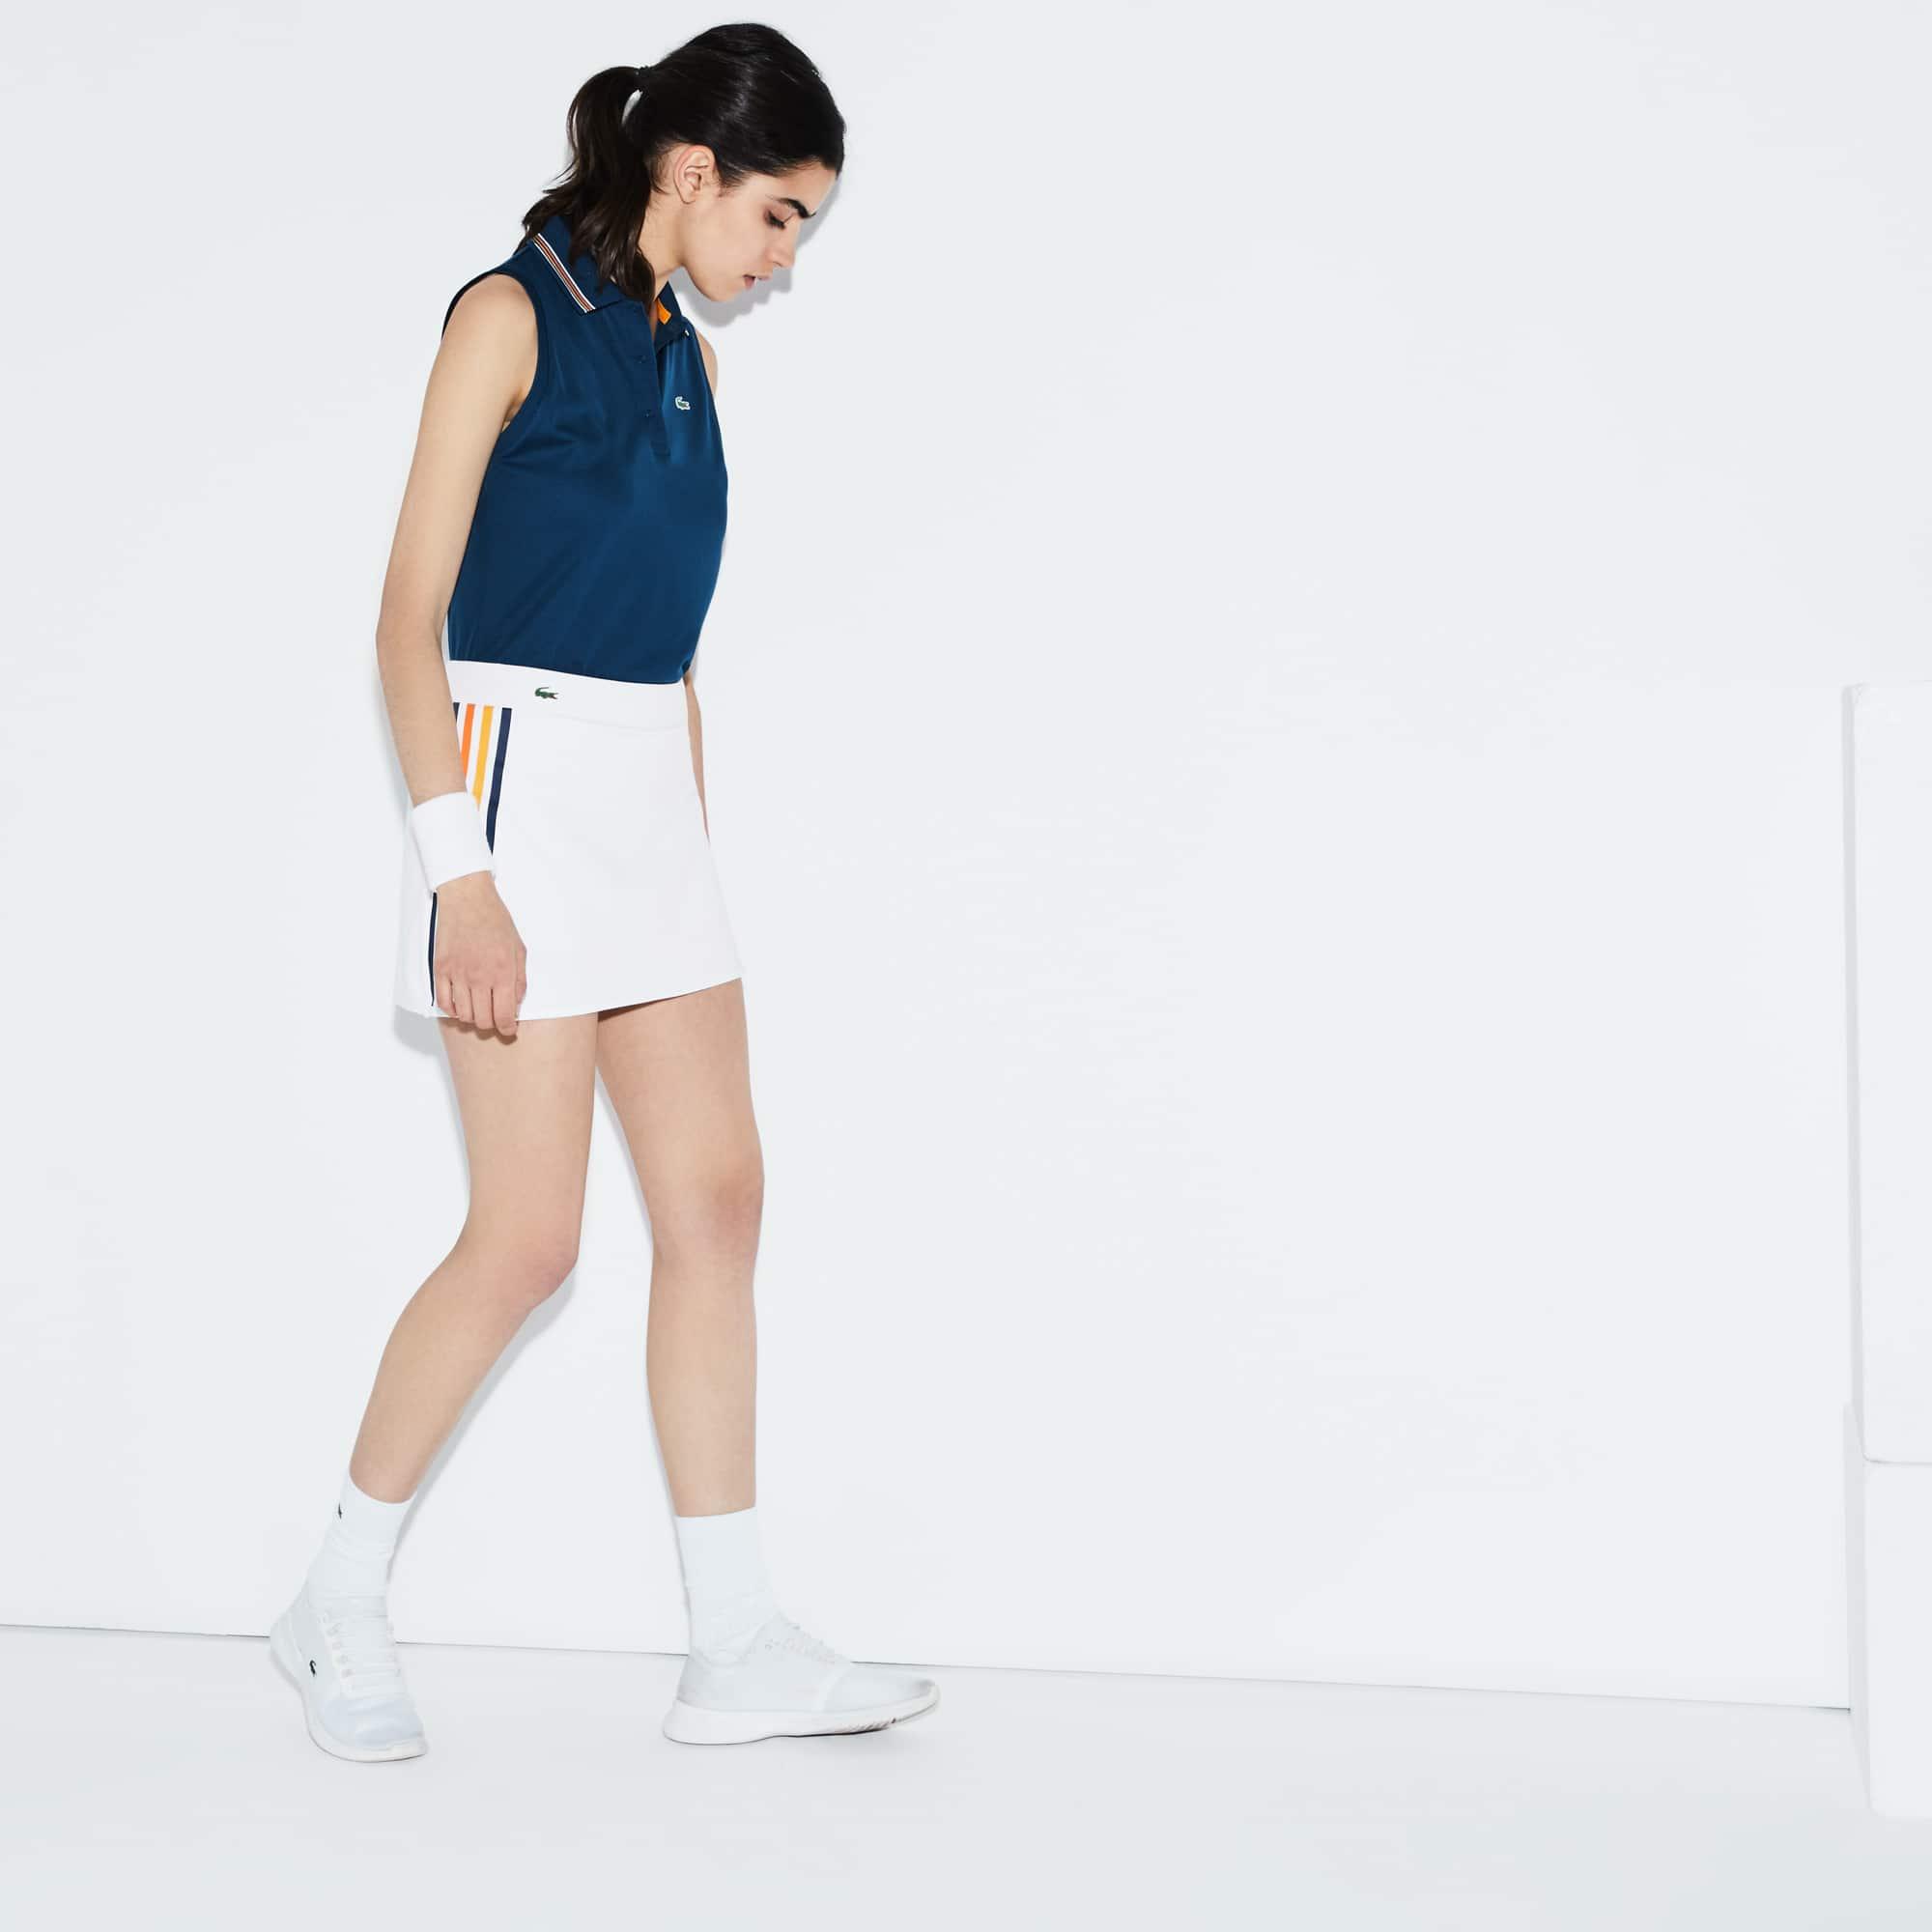 Saia Tennis Lacoste SPORT em jersey técnico com faixas a contrastar